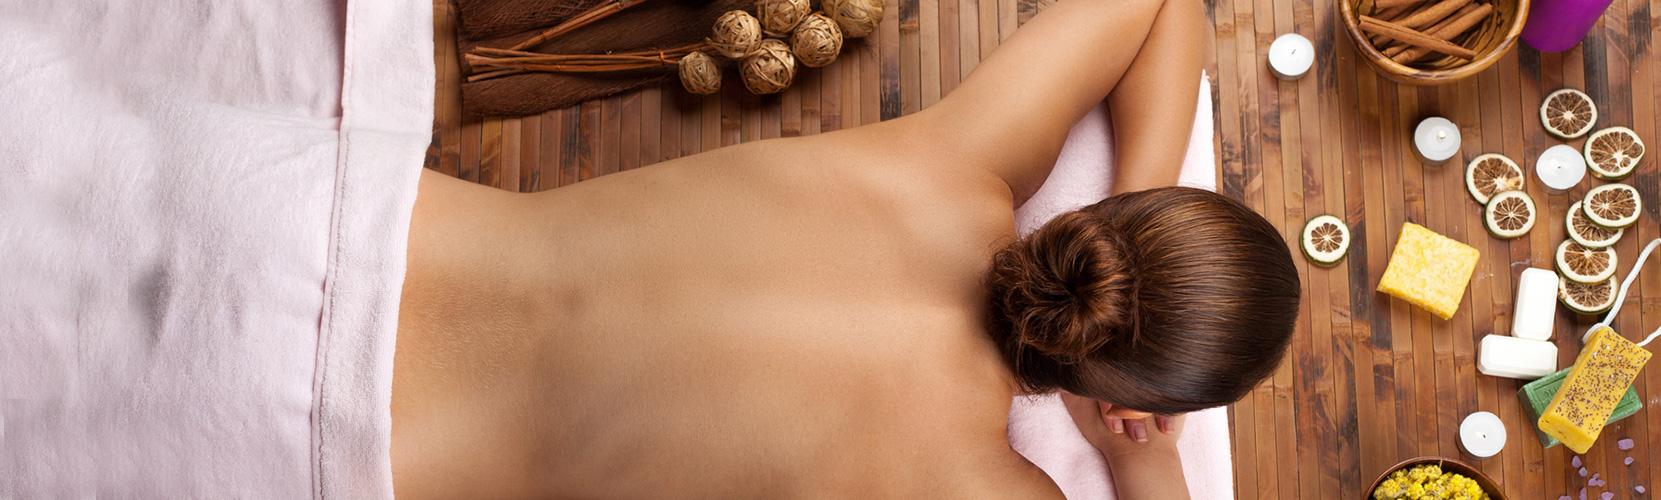 centro-estetico-massaggi-pioltello11